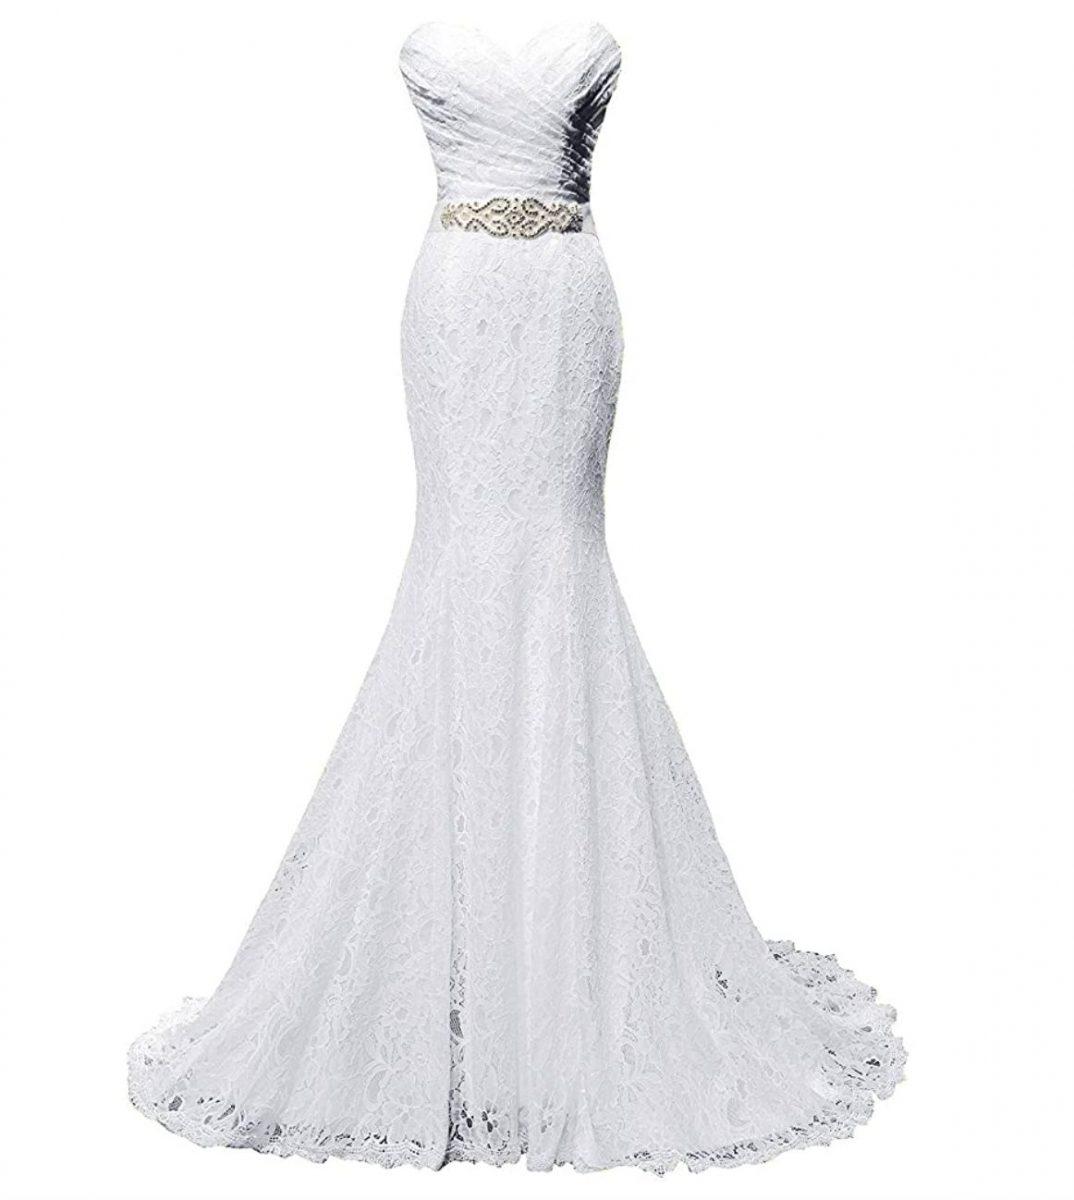 Bridal Gown Under $50